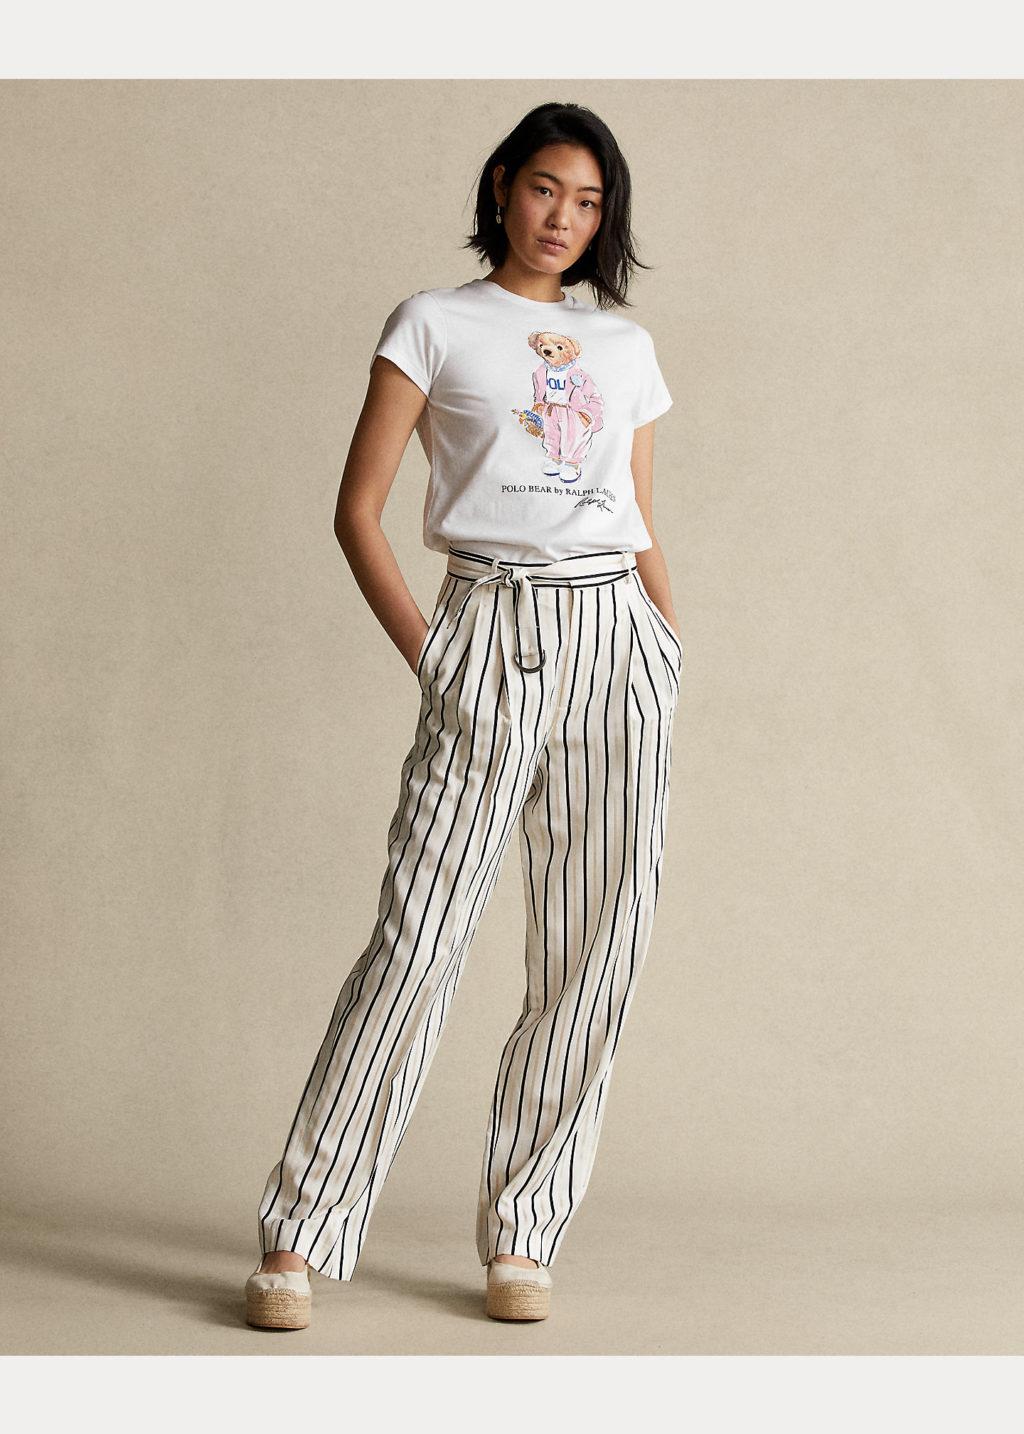 Polo Ralph Lauren Teddy T-shirt